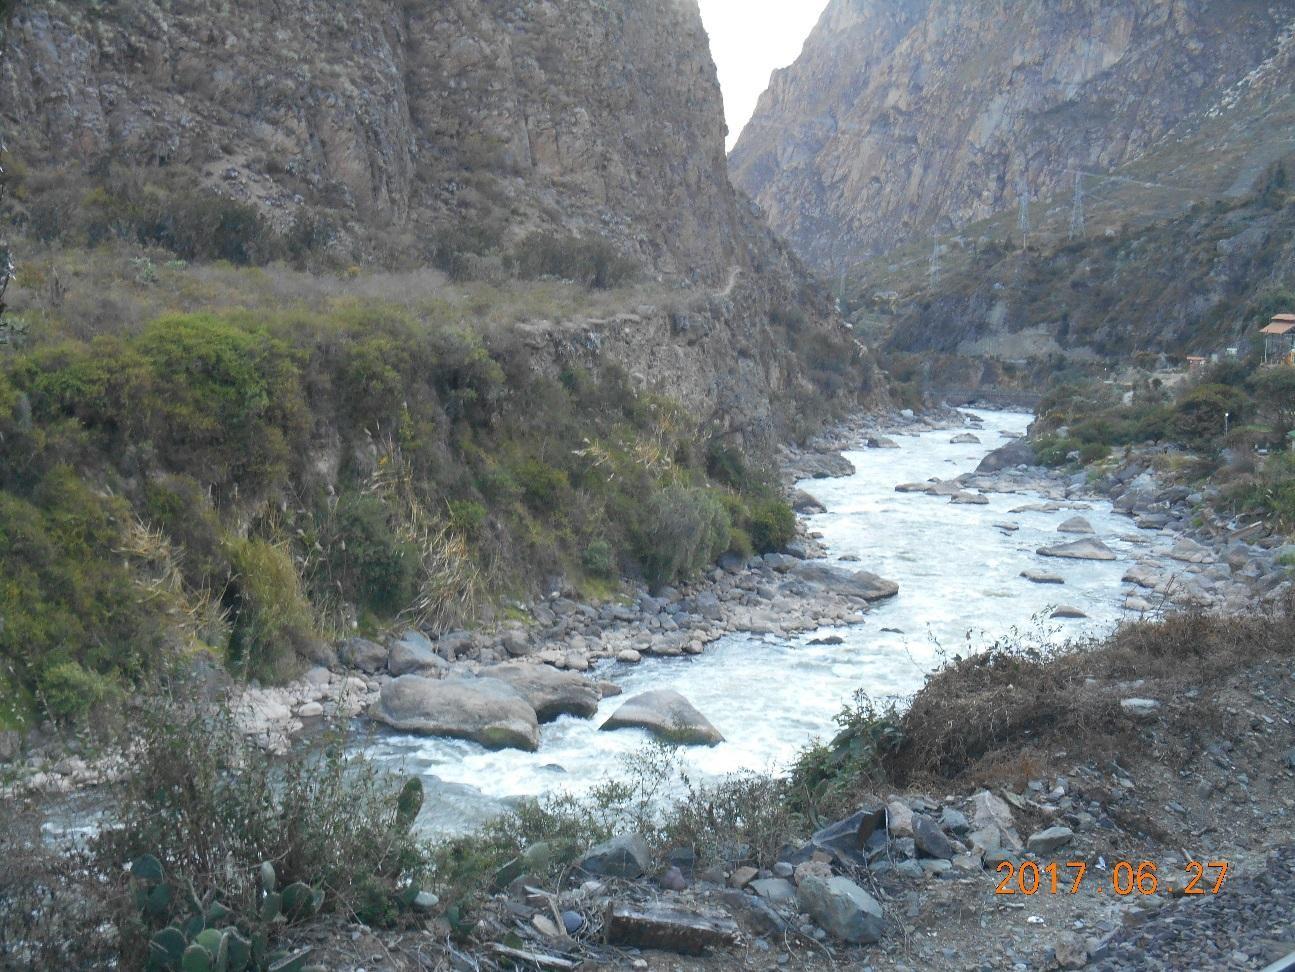 ウルバンバ川に沿ってマチュピチュへ